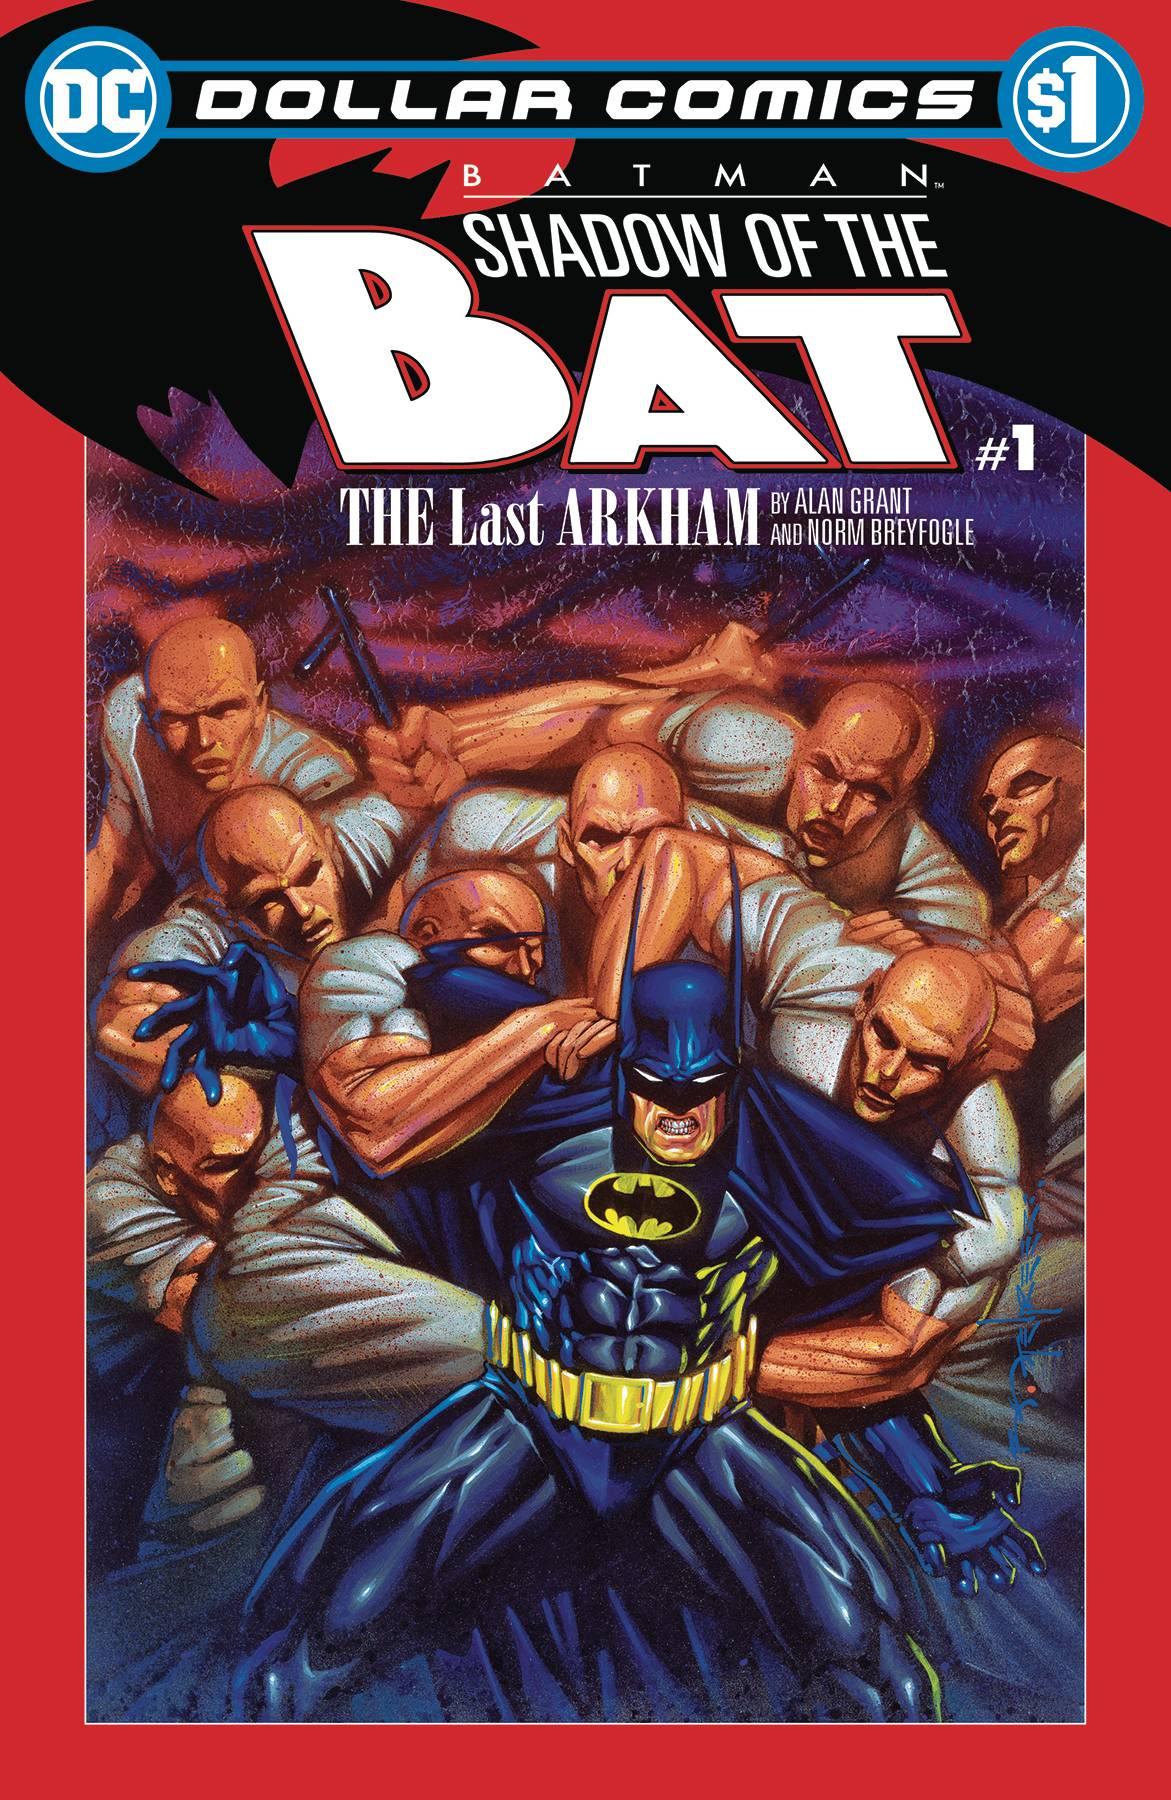 Dollar Comics: Batman - Shadow Of The Bat #1 (2020)